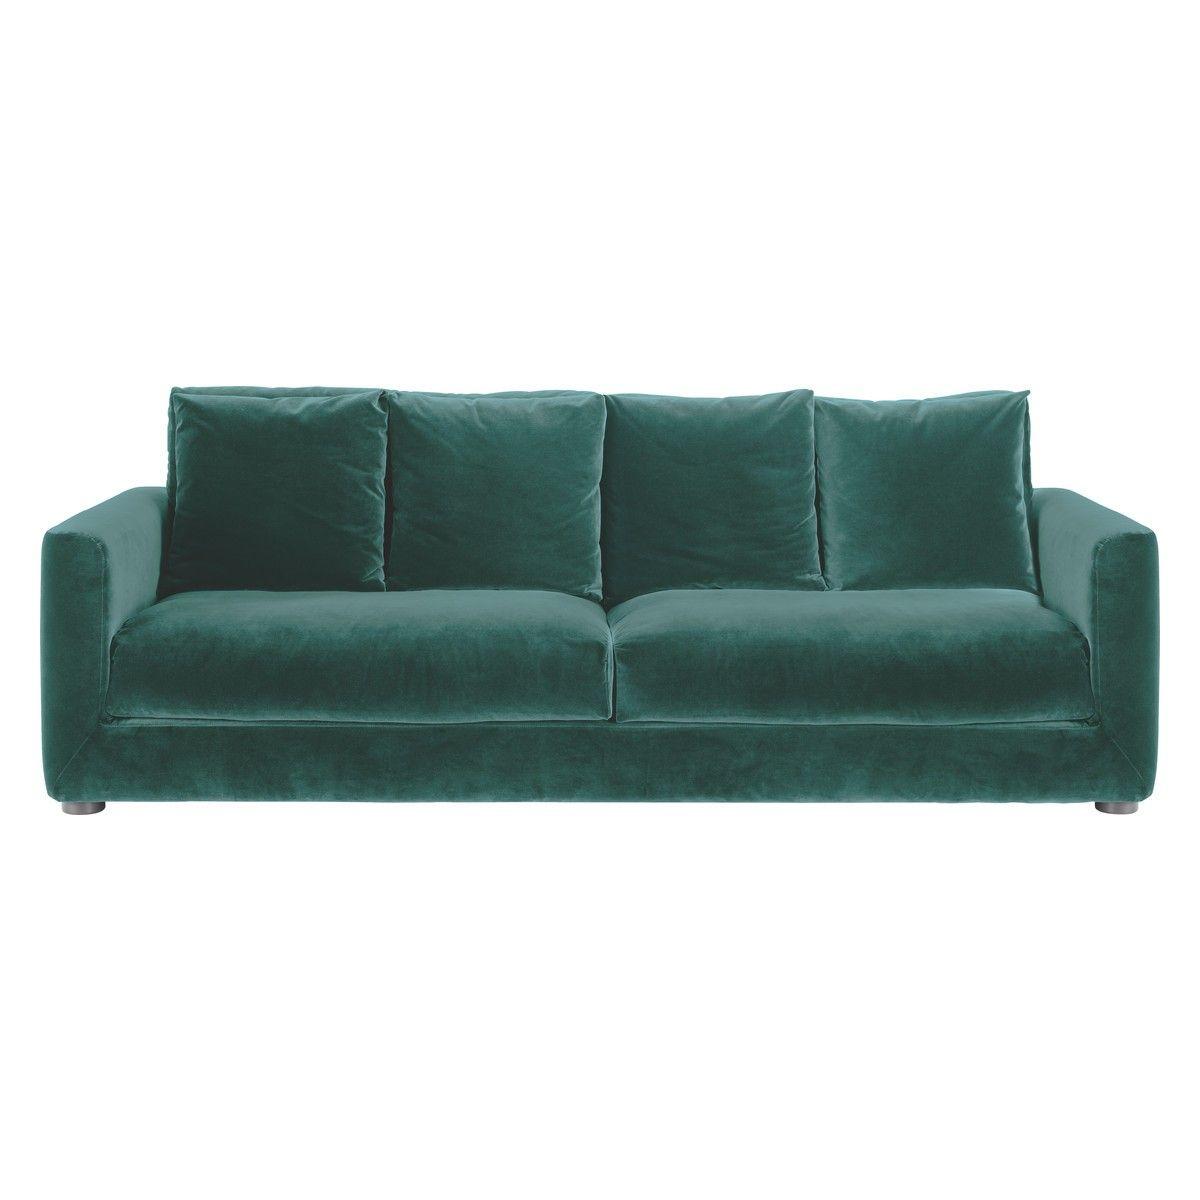 Rupert Emerald Green Velvet 4 Seater Sofa 4 Seater Sofa